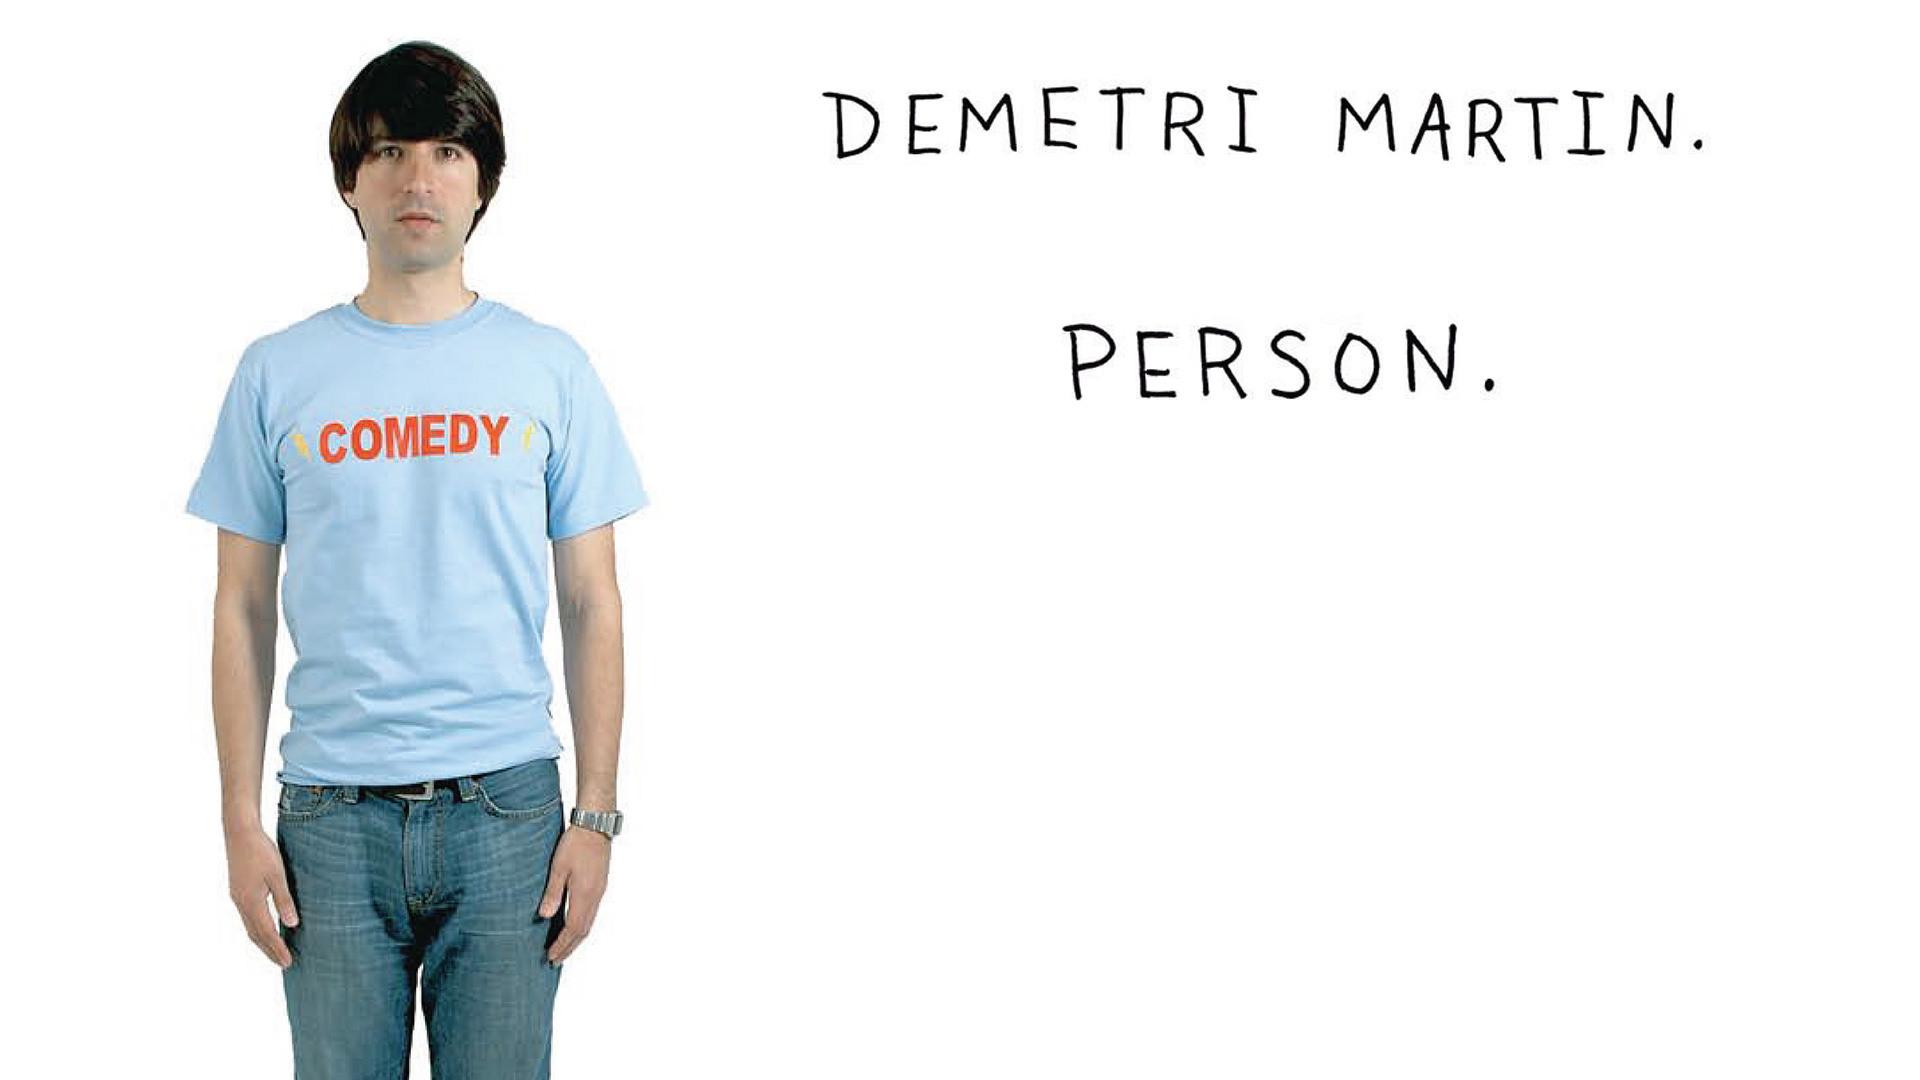 Demetri Martin. Person.